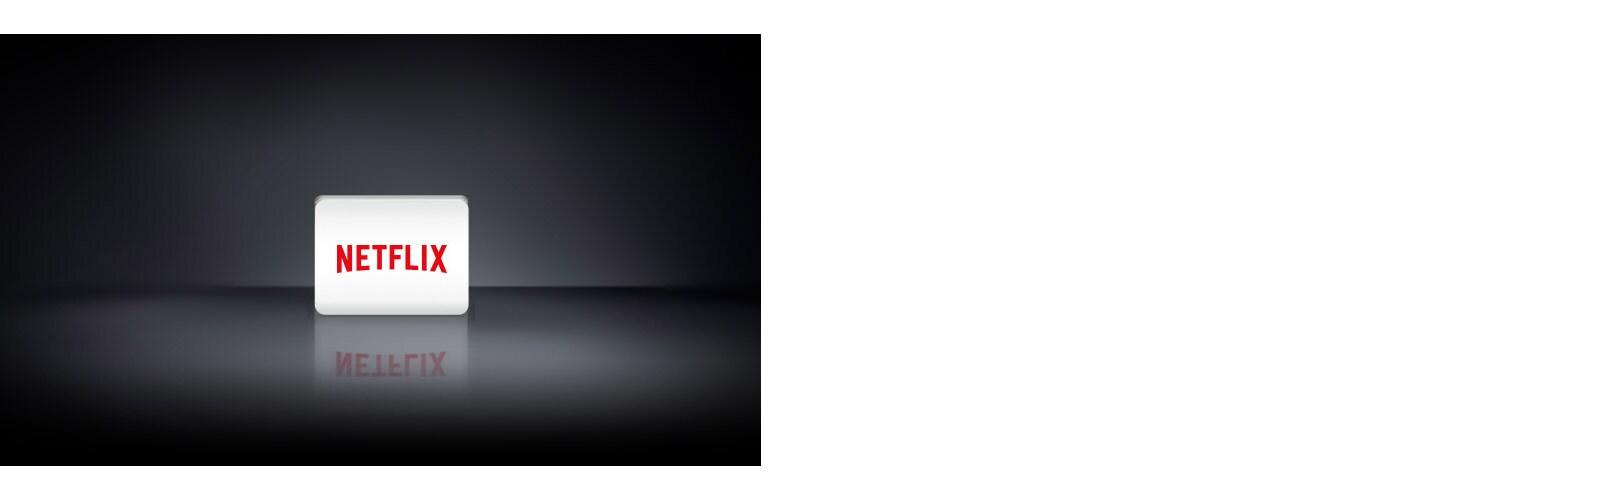 *Apple, le logo d'Apple et Apple TV sont des marques déposées par Apple Inc., aux Etats-Unis et dans d'autres pays. Apple TV+ est une marque déposée par Apple Inc. Application accessible sous réserve d'un abonnement souscrit auprès des plateformes concernées.